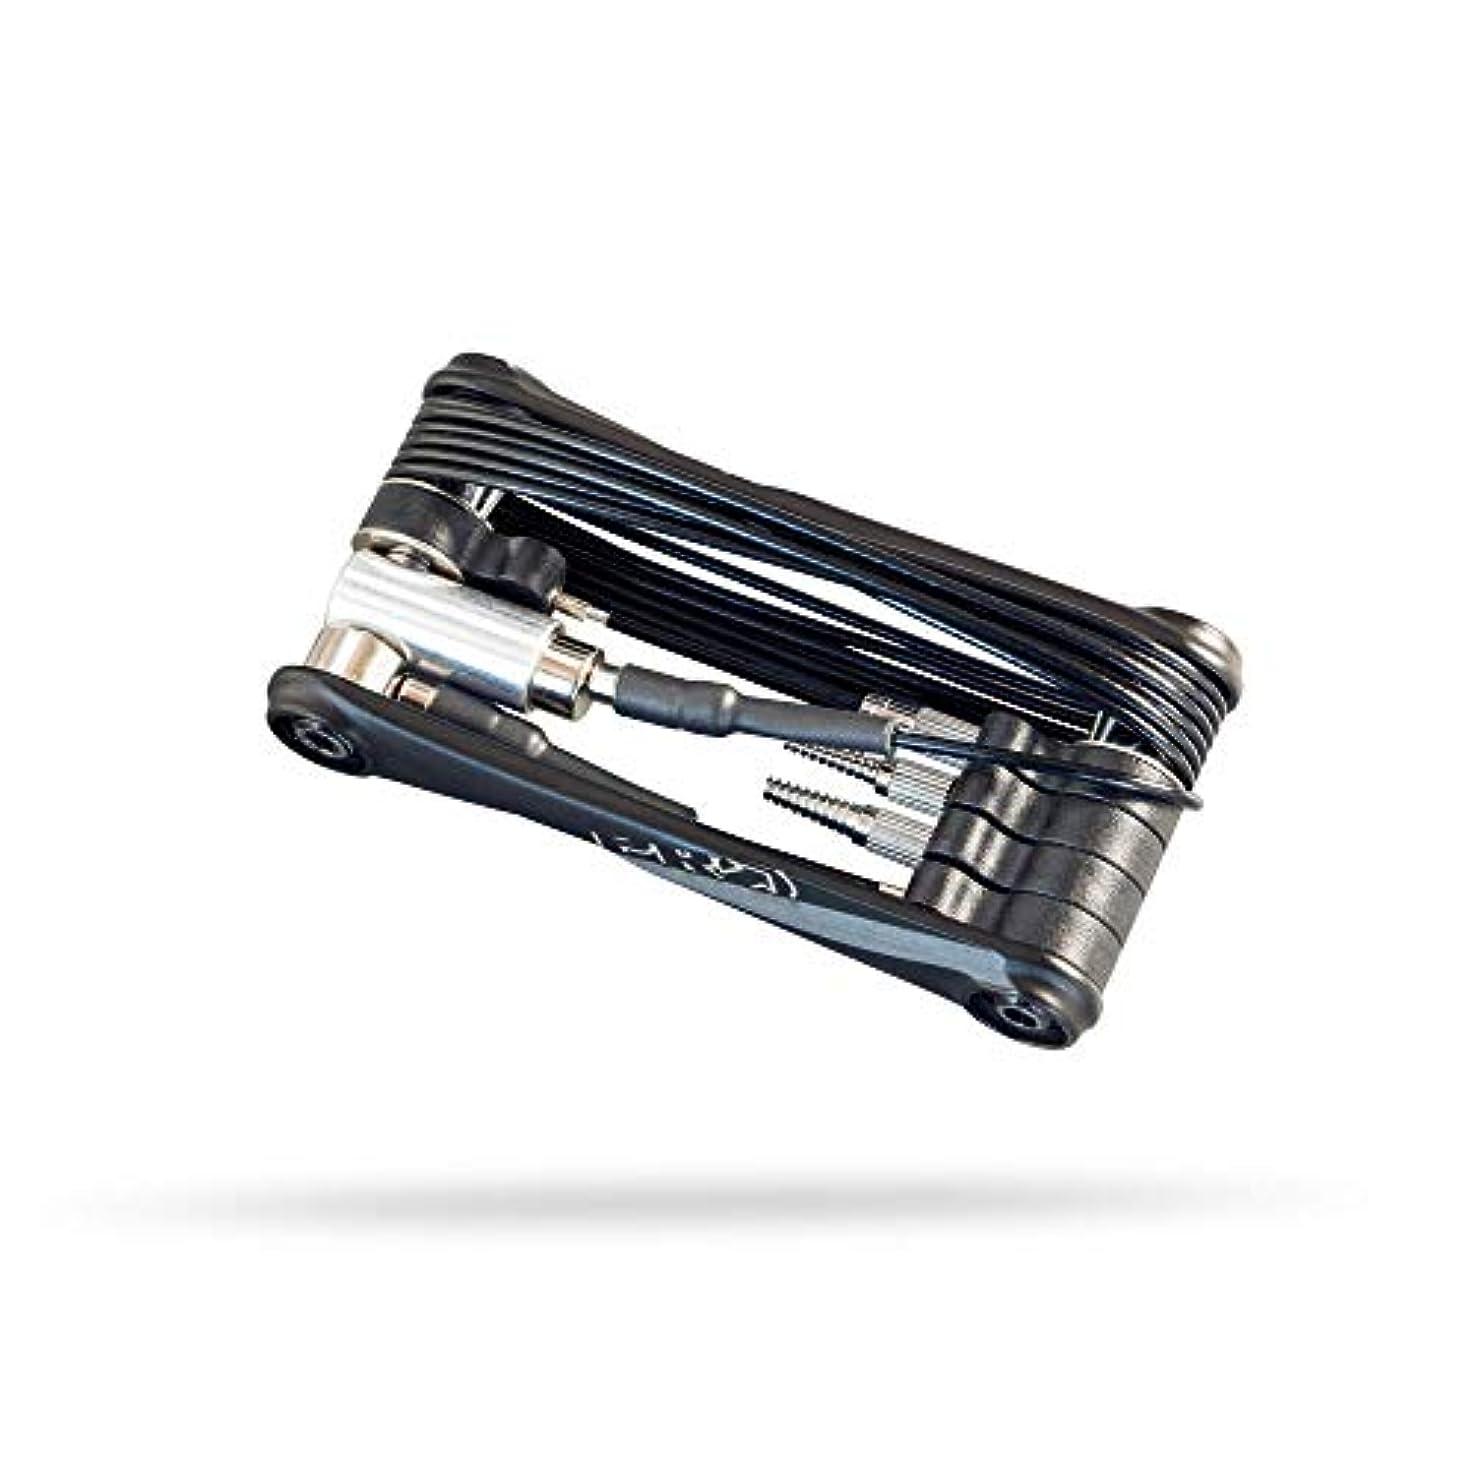 蛇行メイドセレナプロ(PRO) インターナル ルーティング ツール ブラック ツール R20RTL0080X